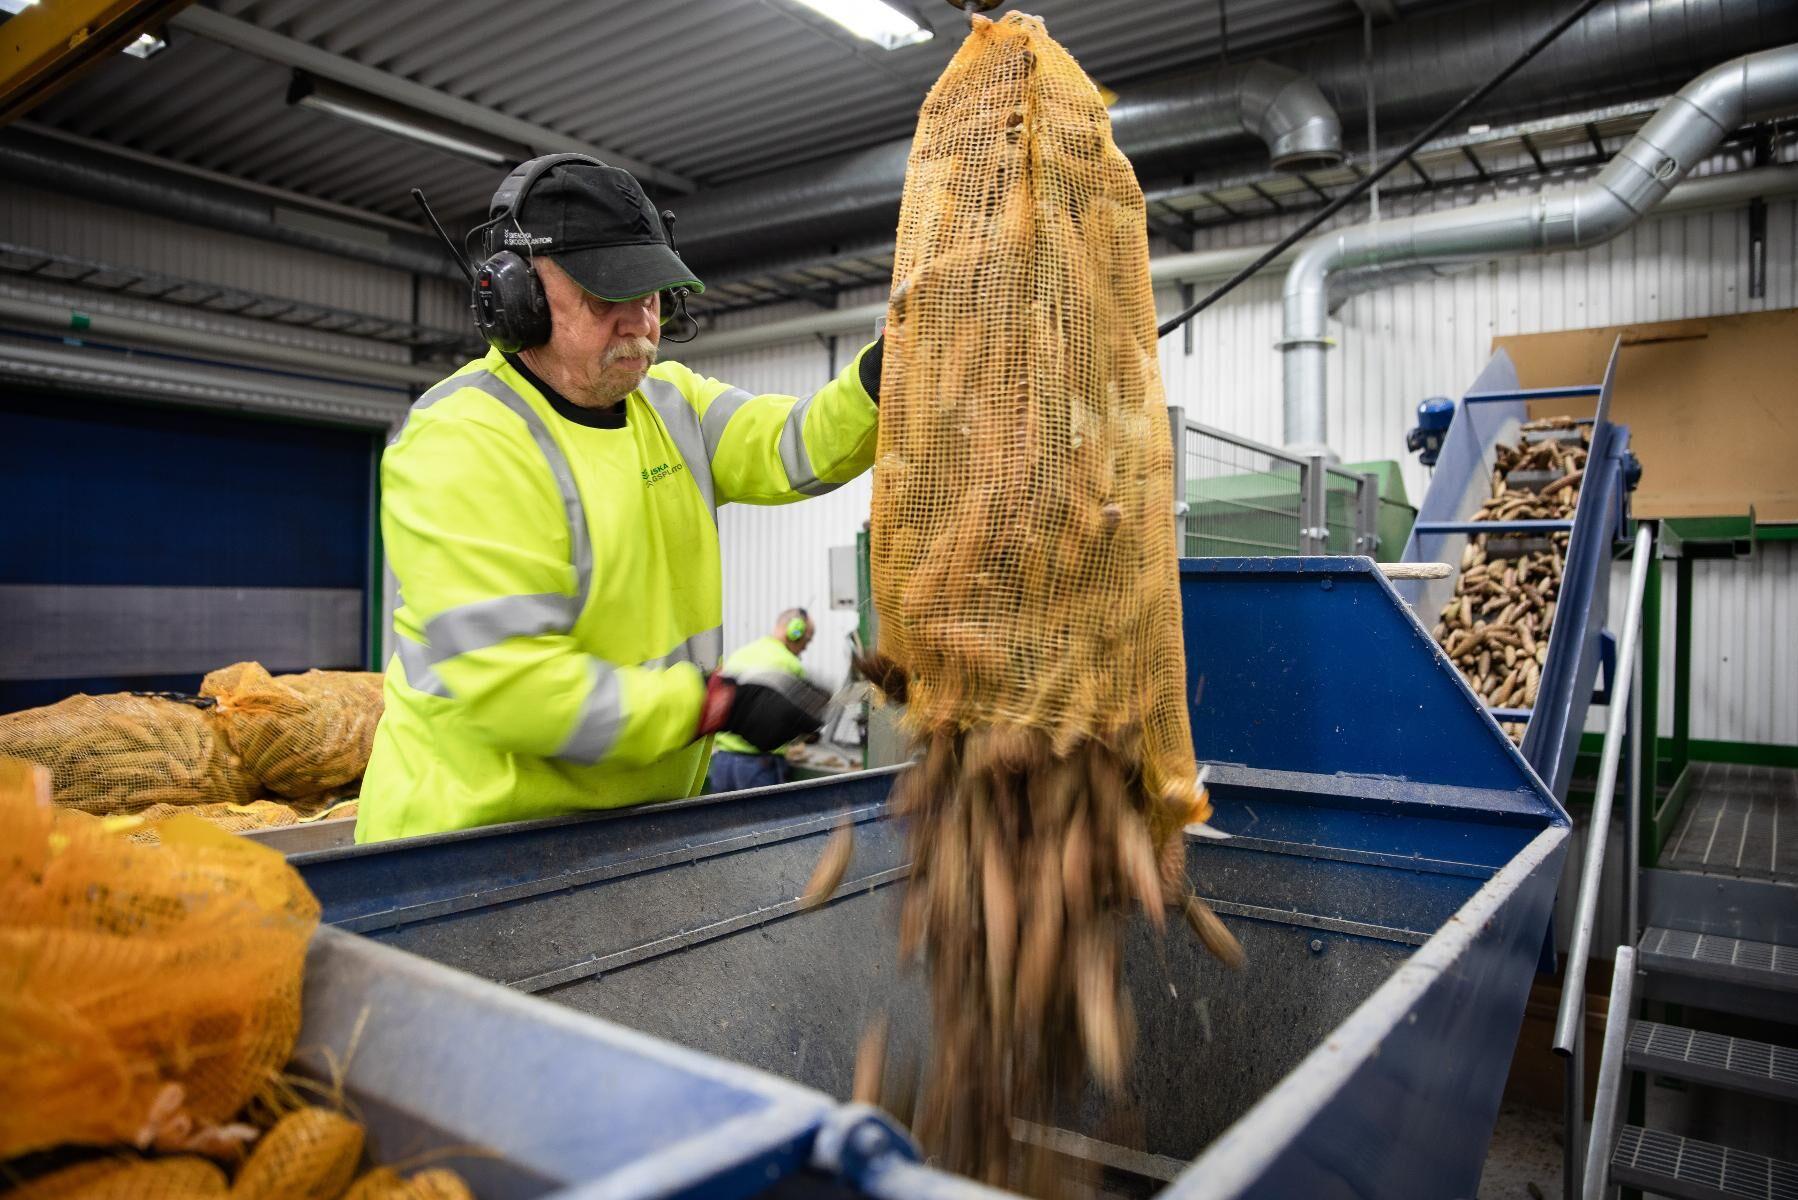 Viktor Khrulov öppnar säckar med grankottar från Öland och häller ner de i maskinen där den första rensningen sker.